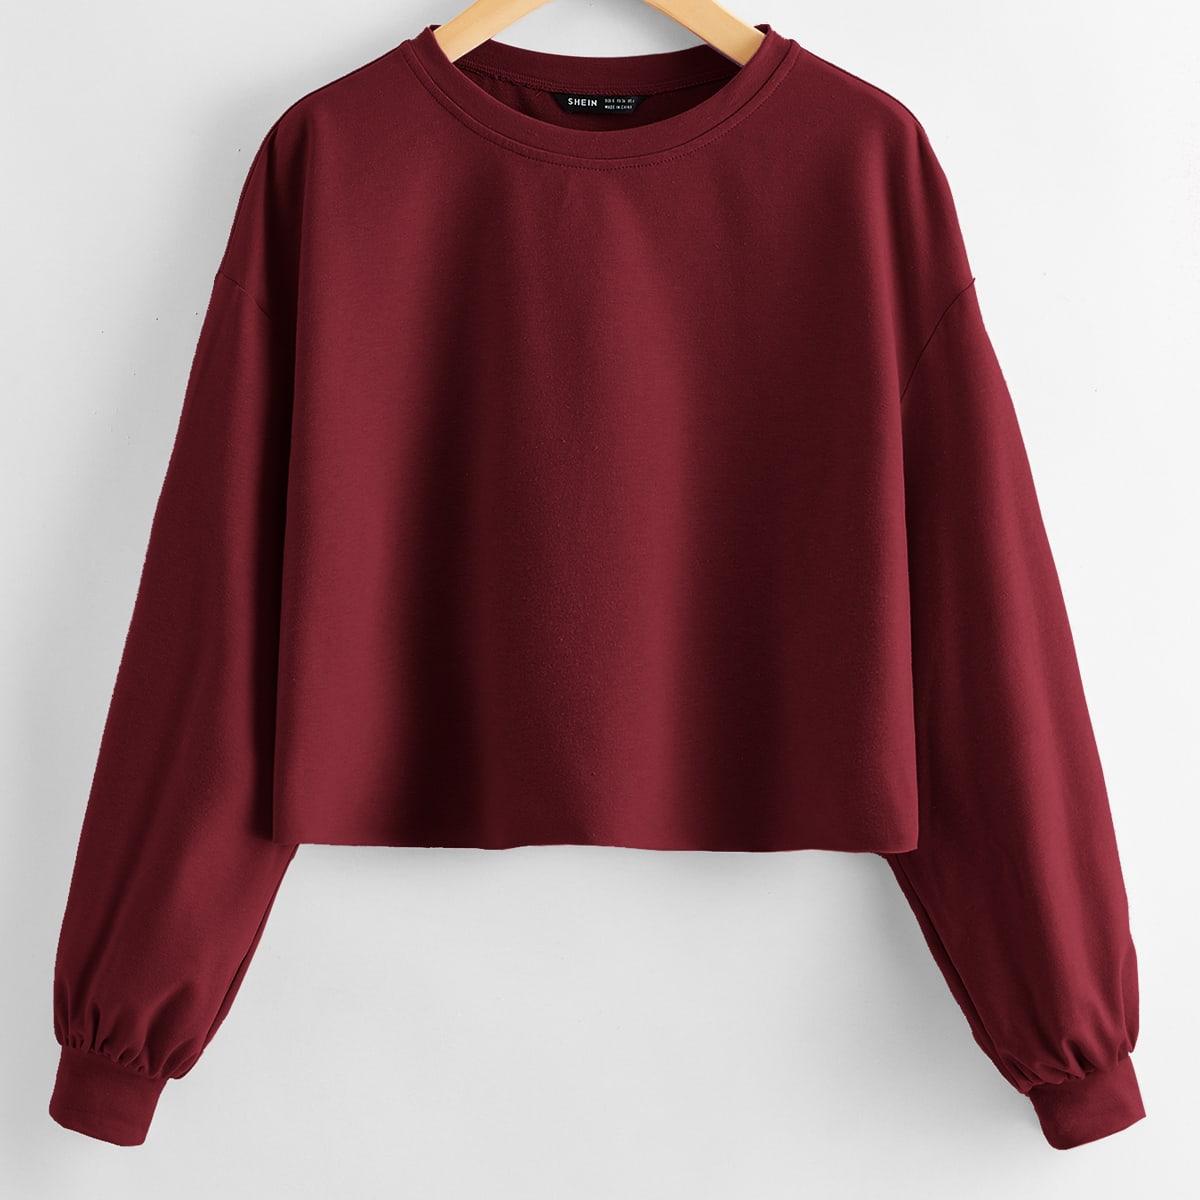 Короткий пуловер со спущенным рукавом фото